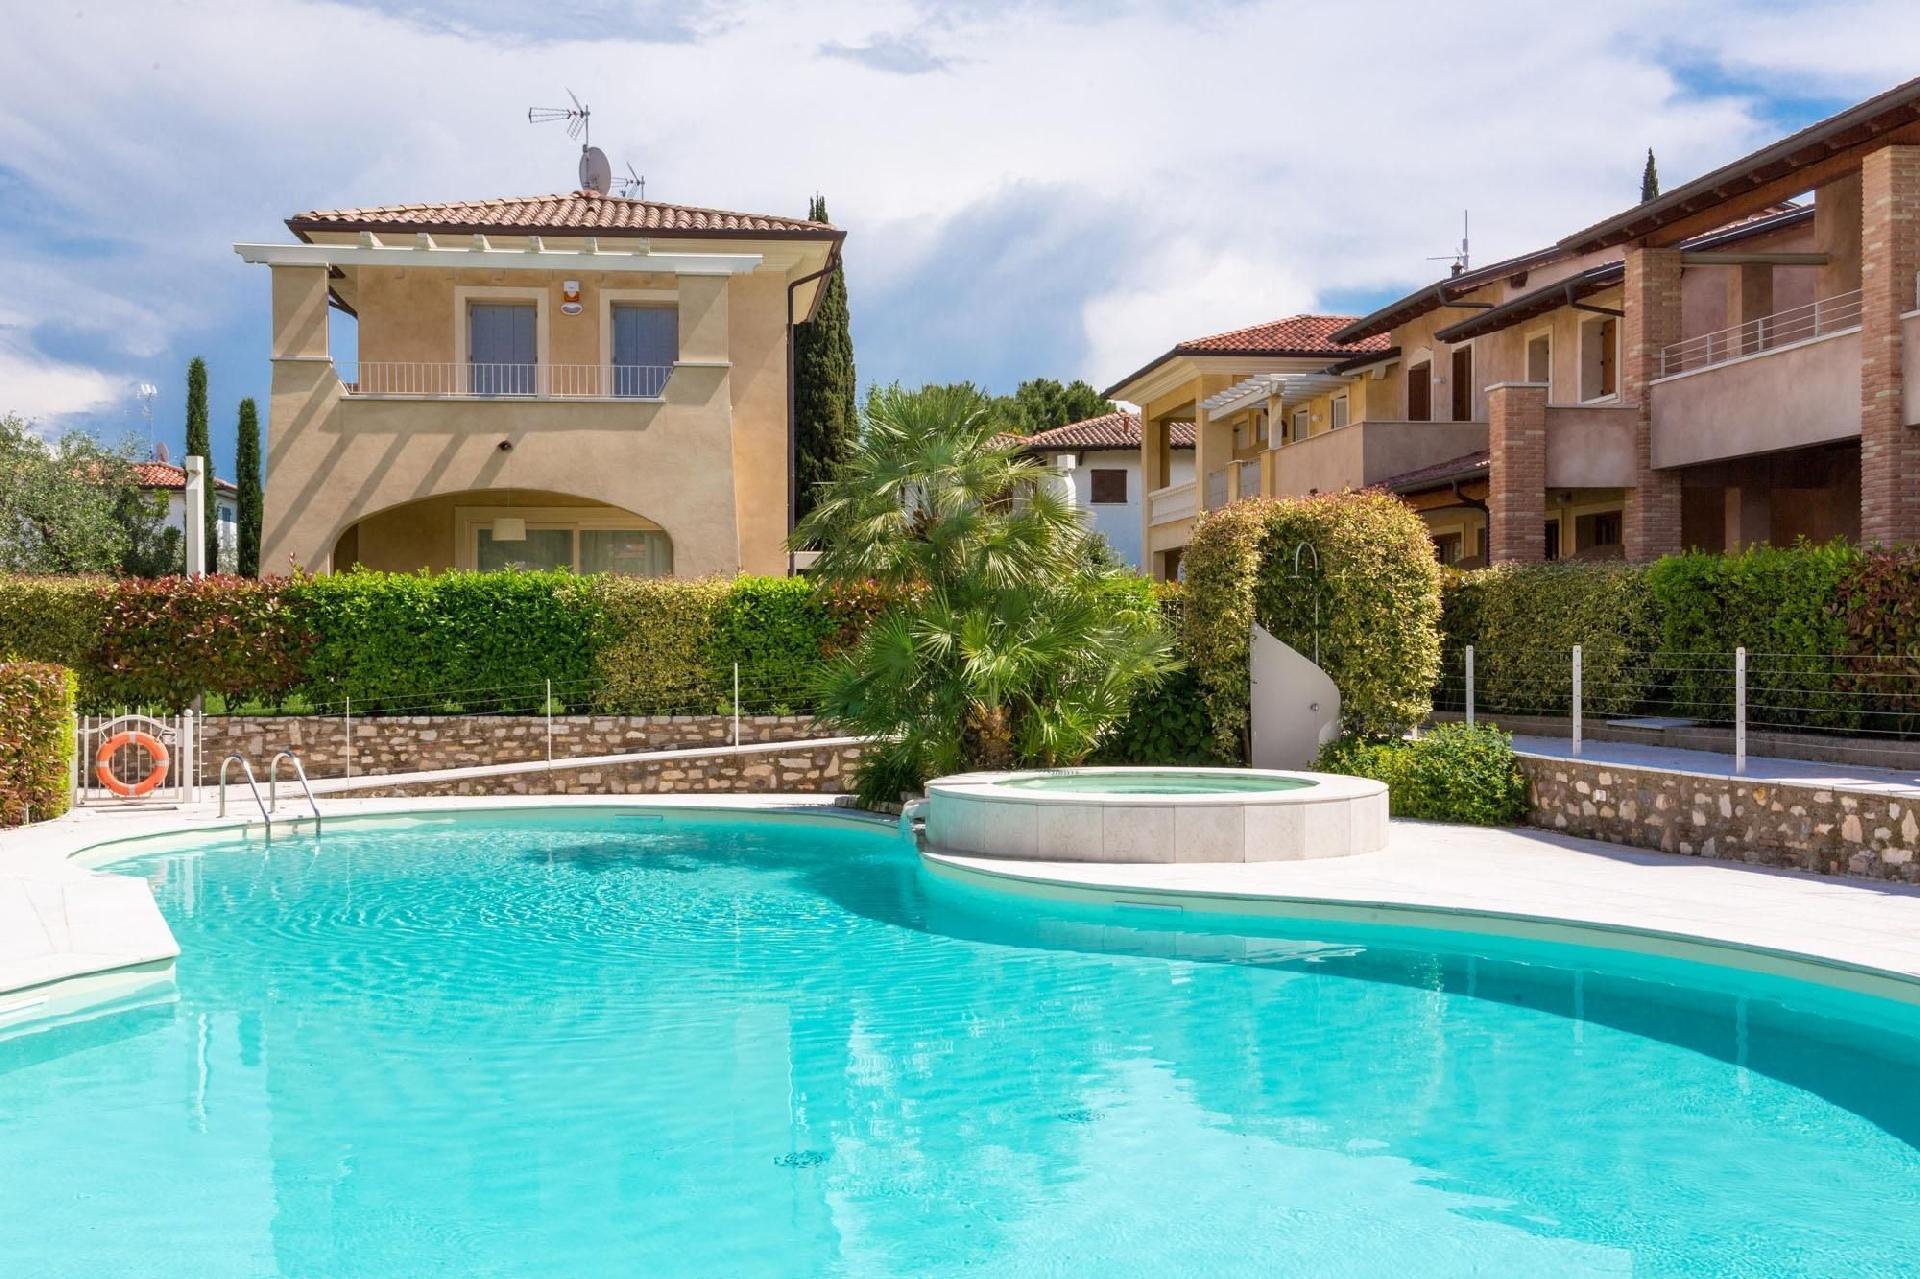 Ferienhaus für 8 Personen ca. 135 m² in    Gardasee - Lago di Garda